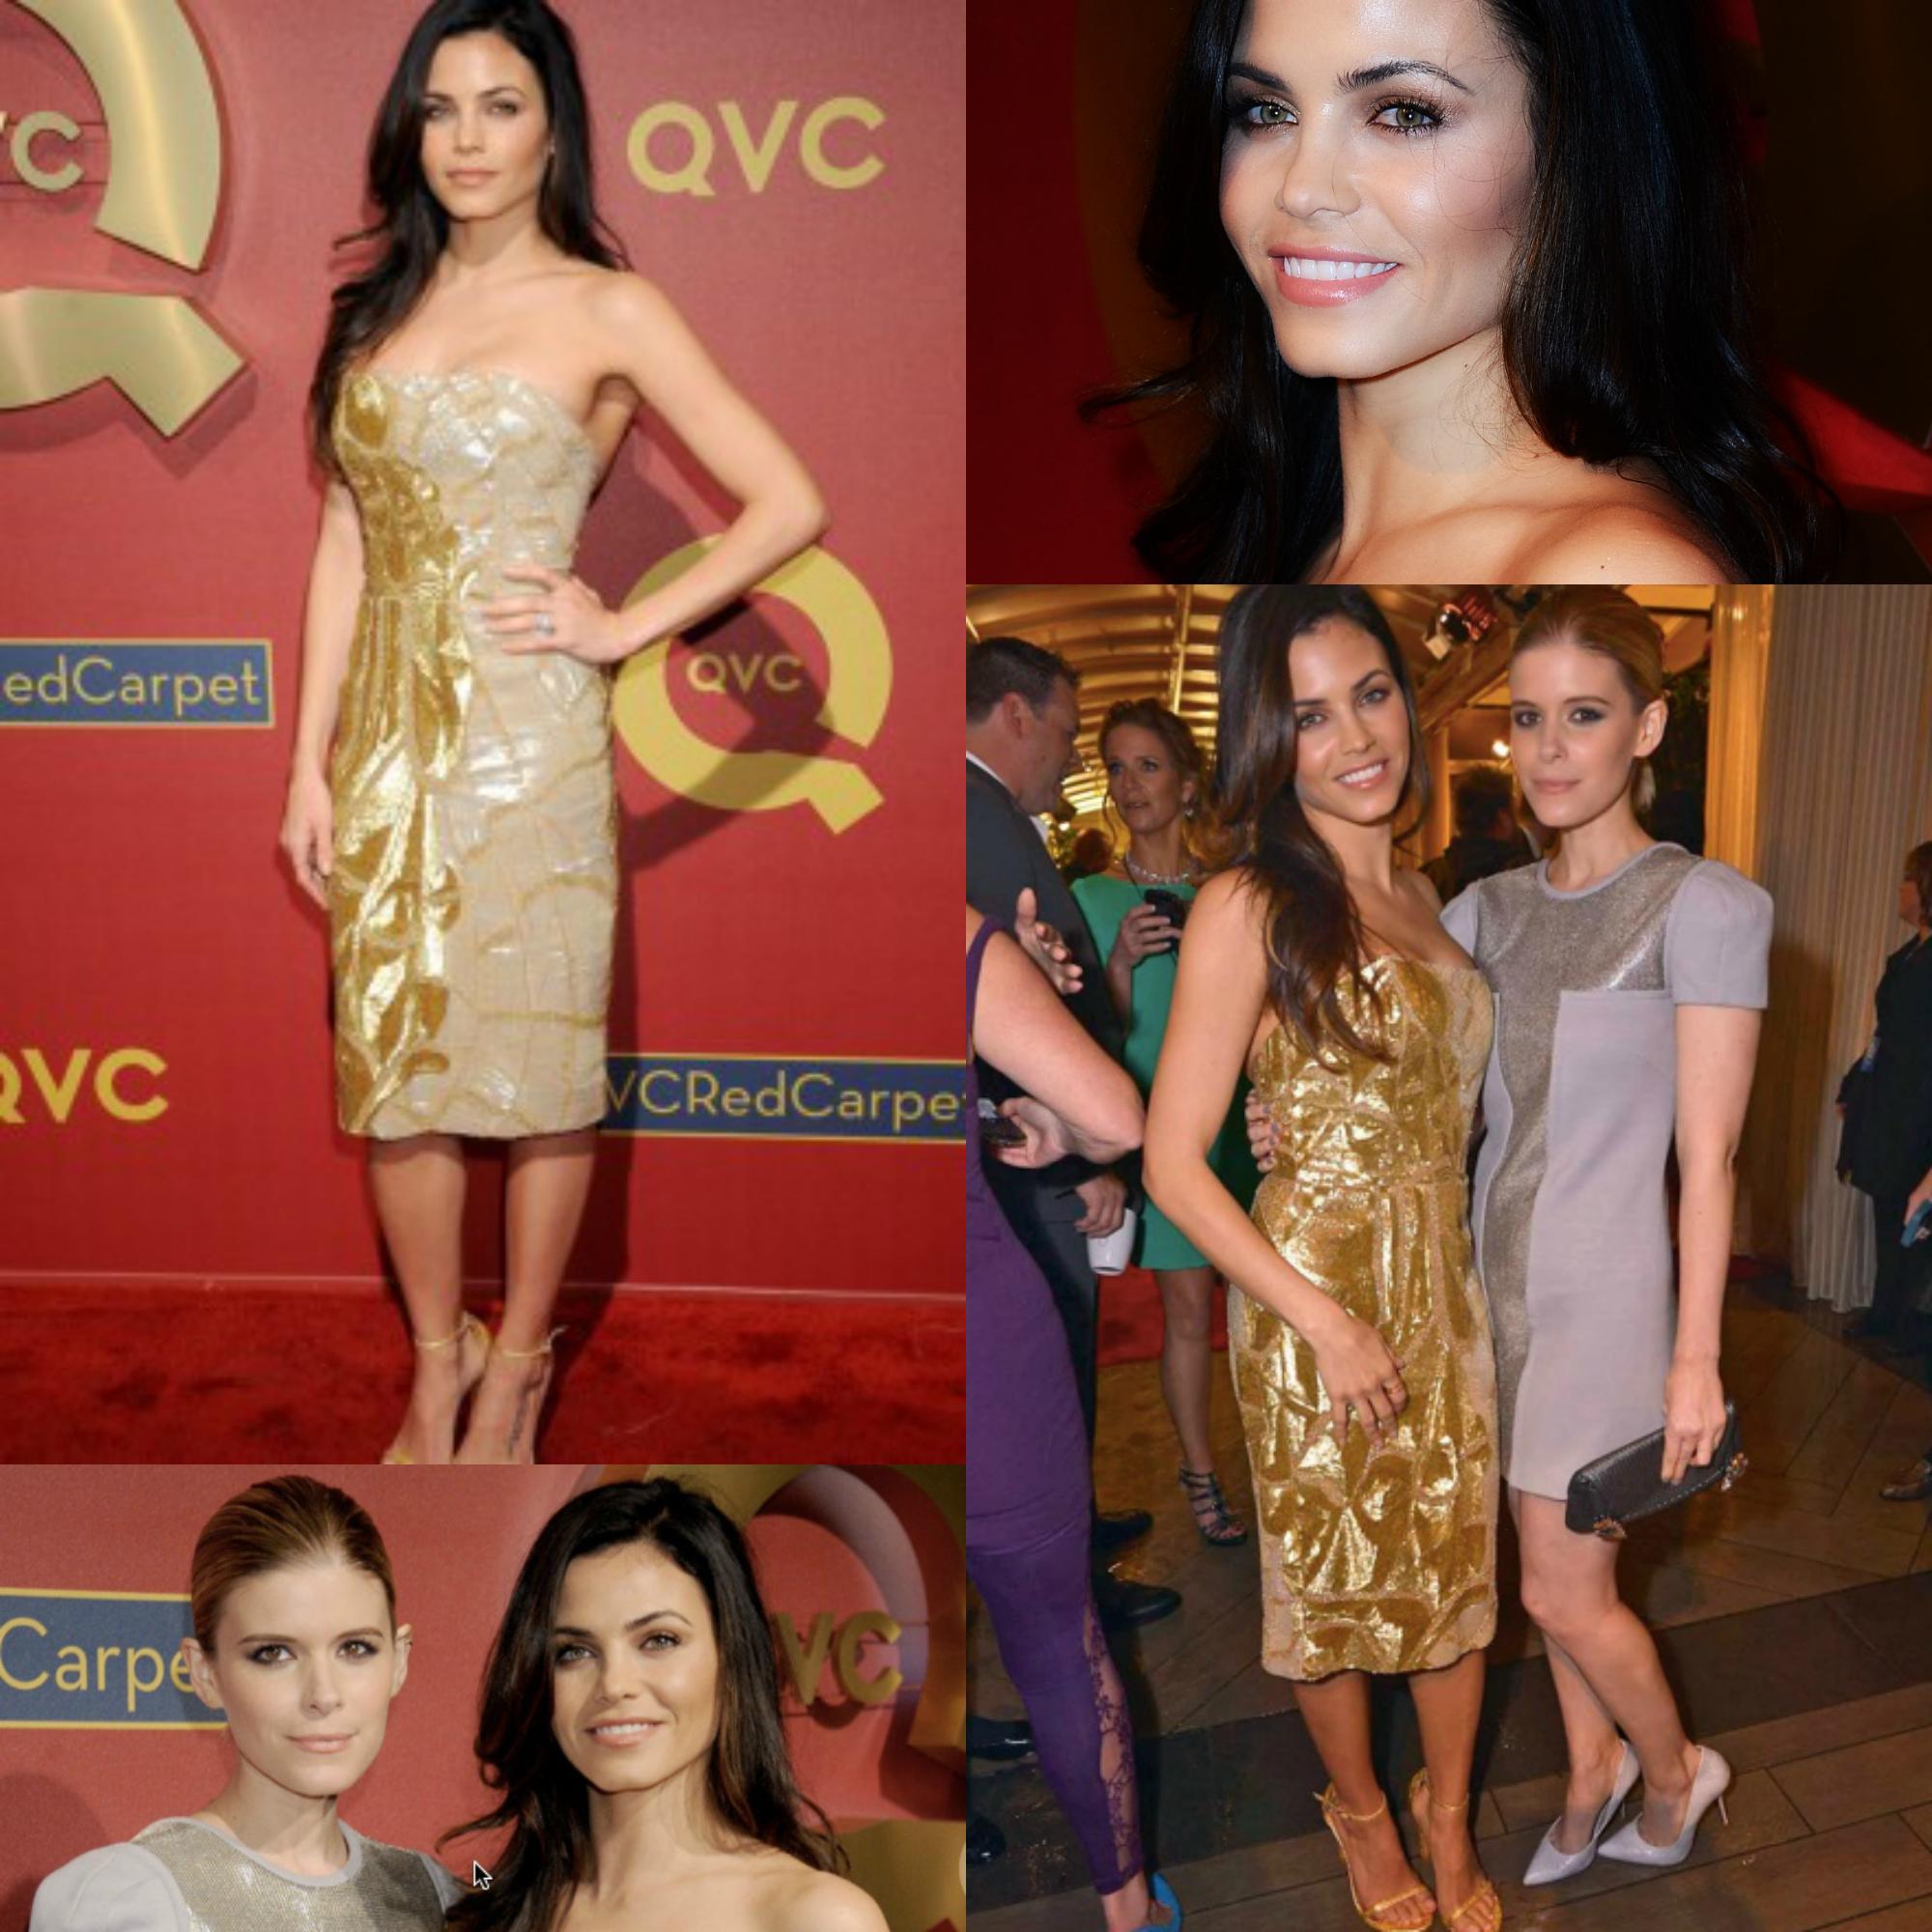 Jenna Dewan Tatum Gold QVC